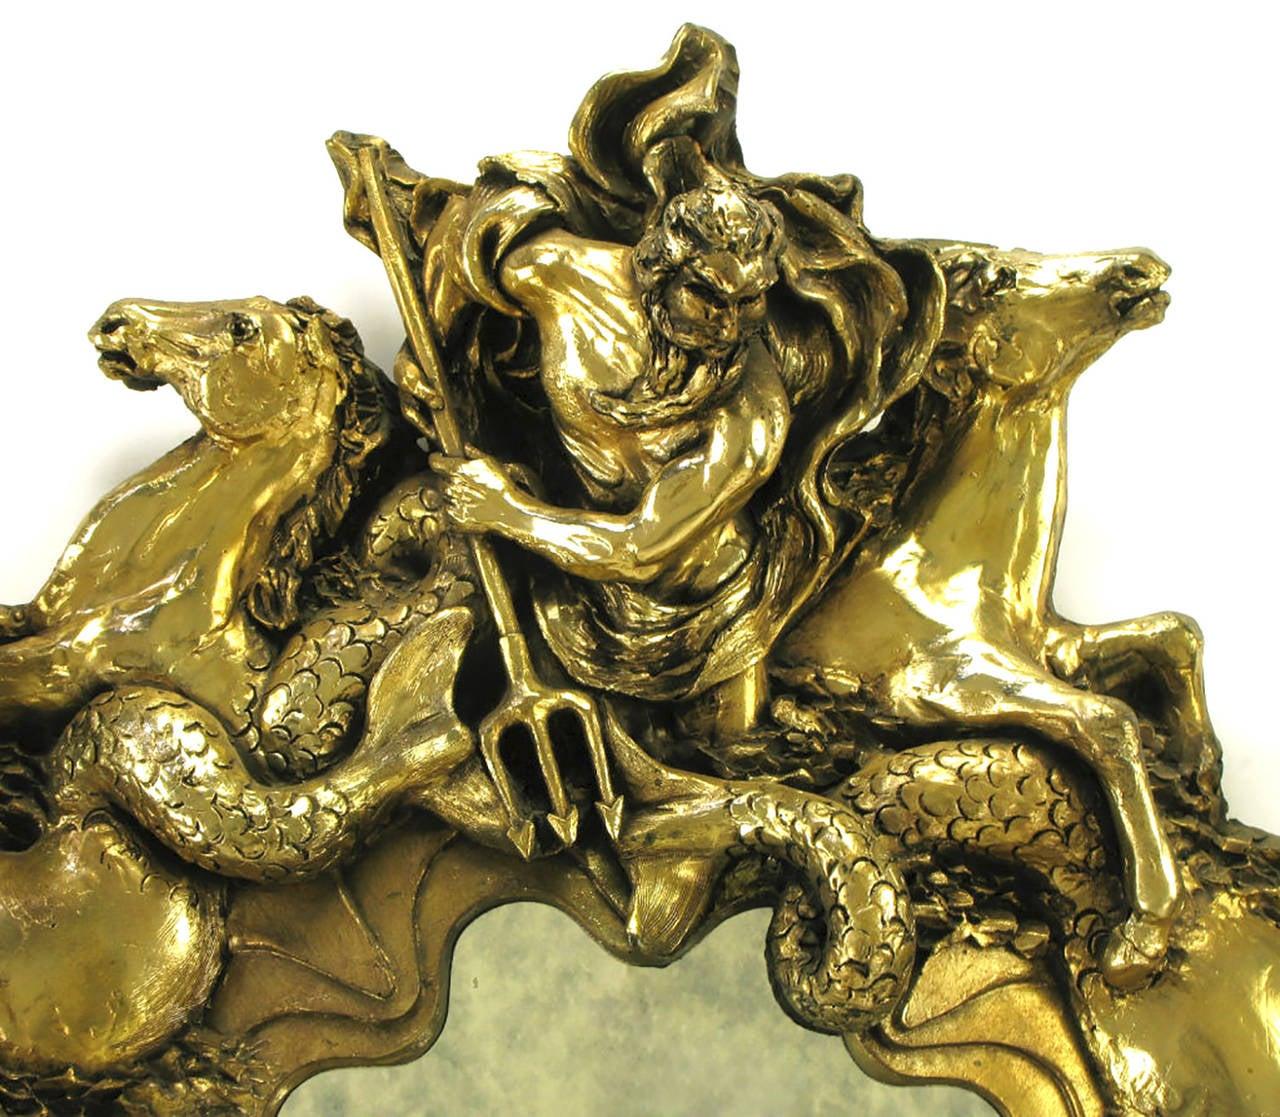 Large Mirror Depicting Mythological Poseidon With